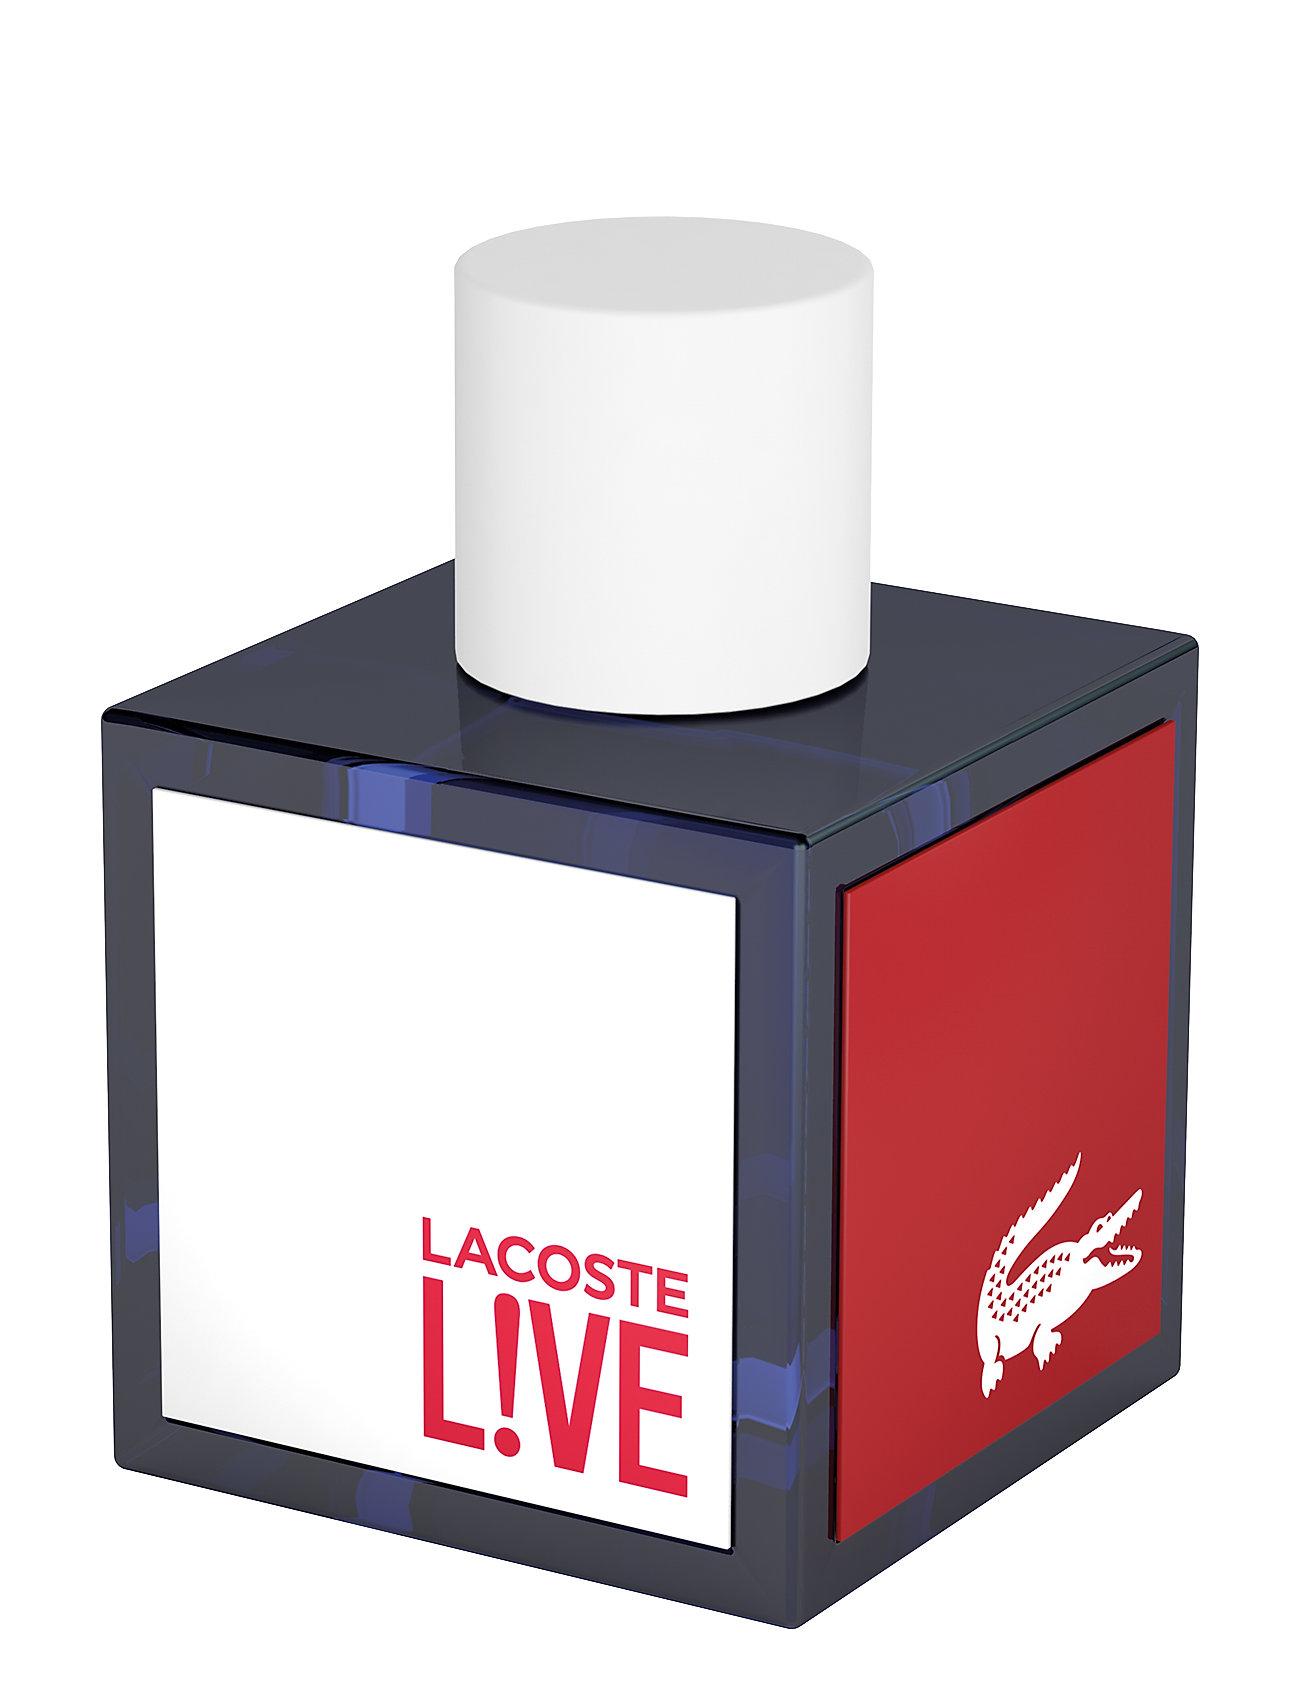 lacoste fragrance Lacoste live eau de toilette fra boozt.com dk